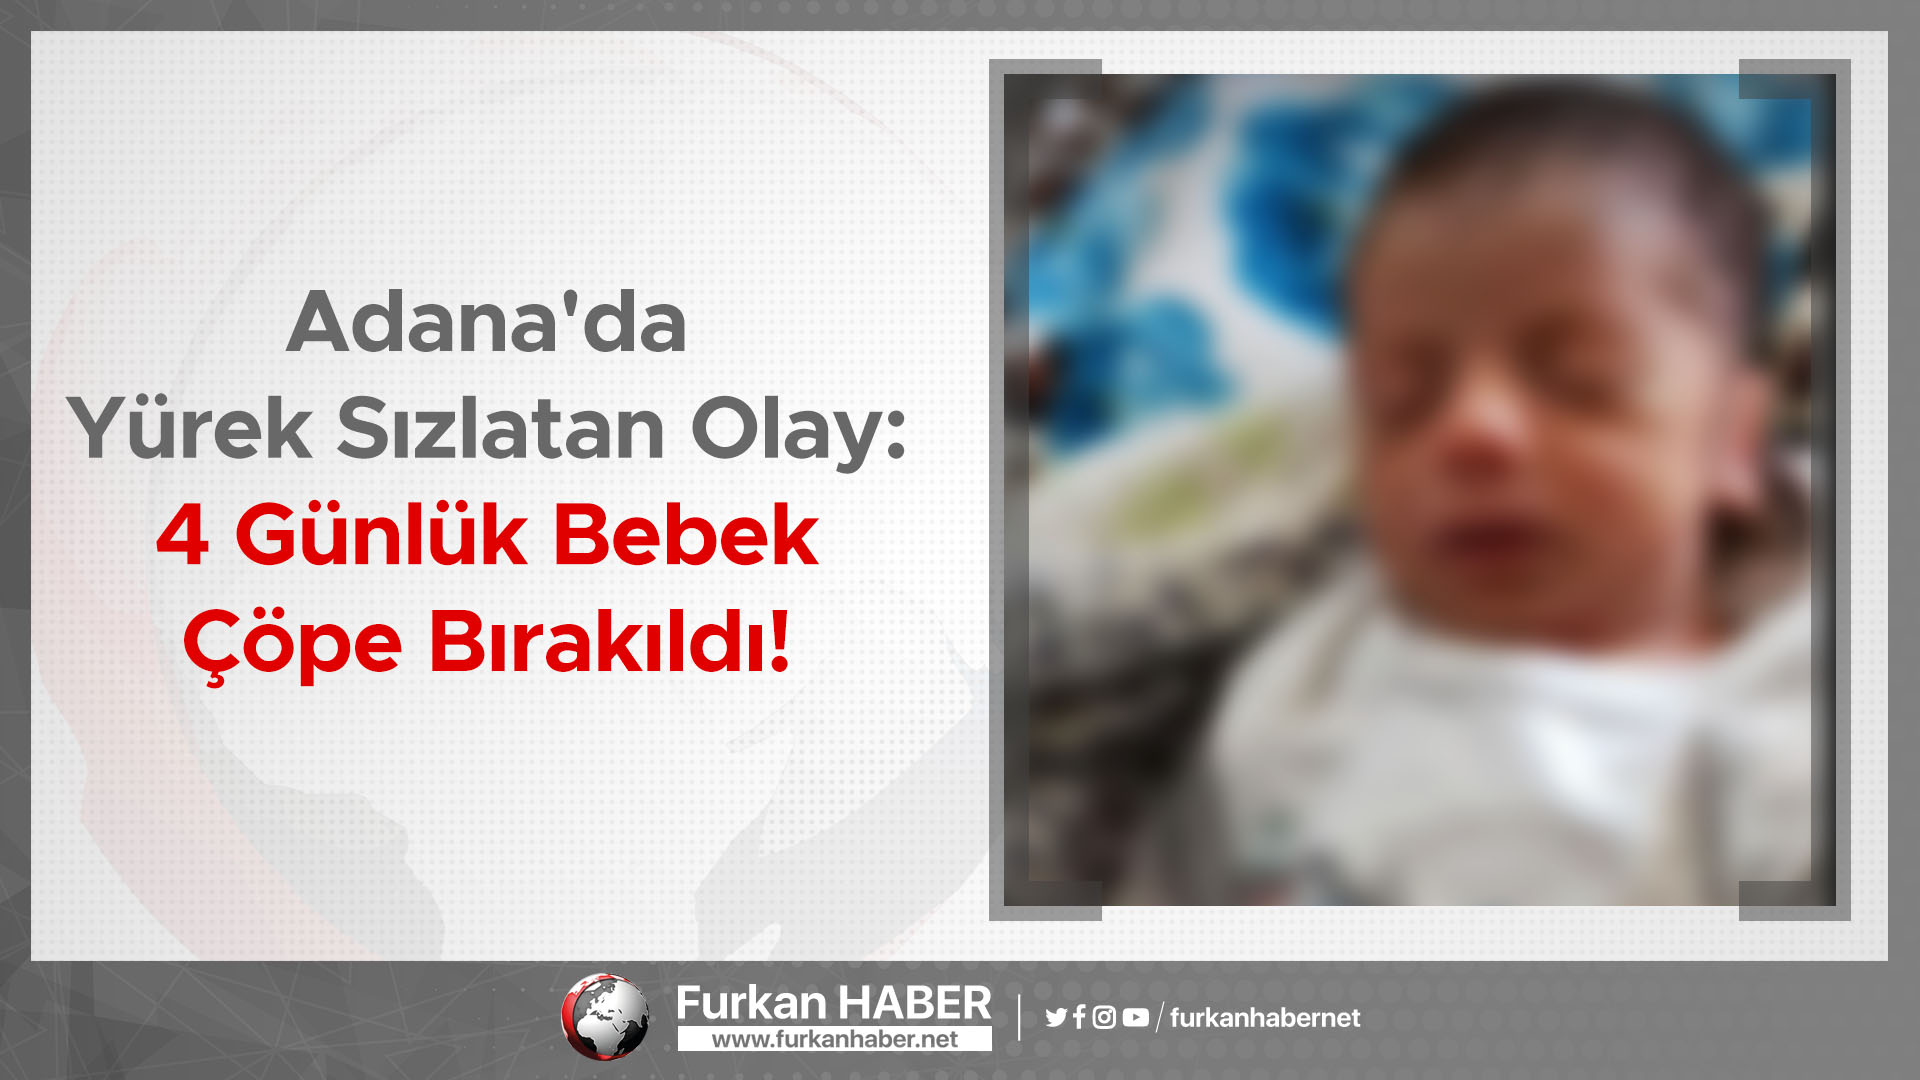 Adana'da Yürek Sızlatan Olay: 4 Günlük Bebek Çöpe Bırakıldı!